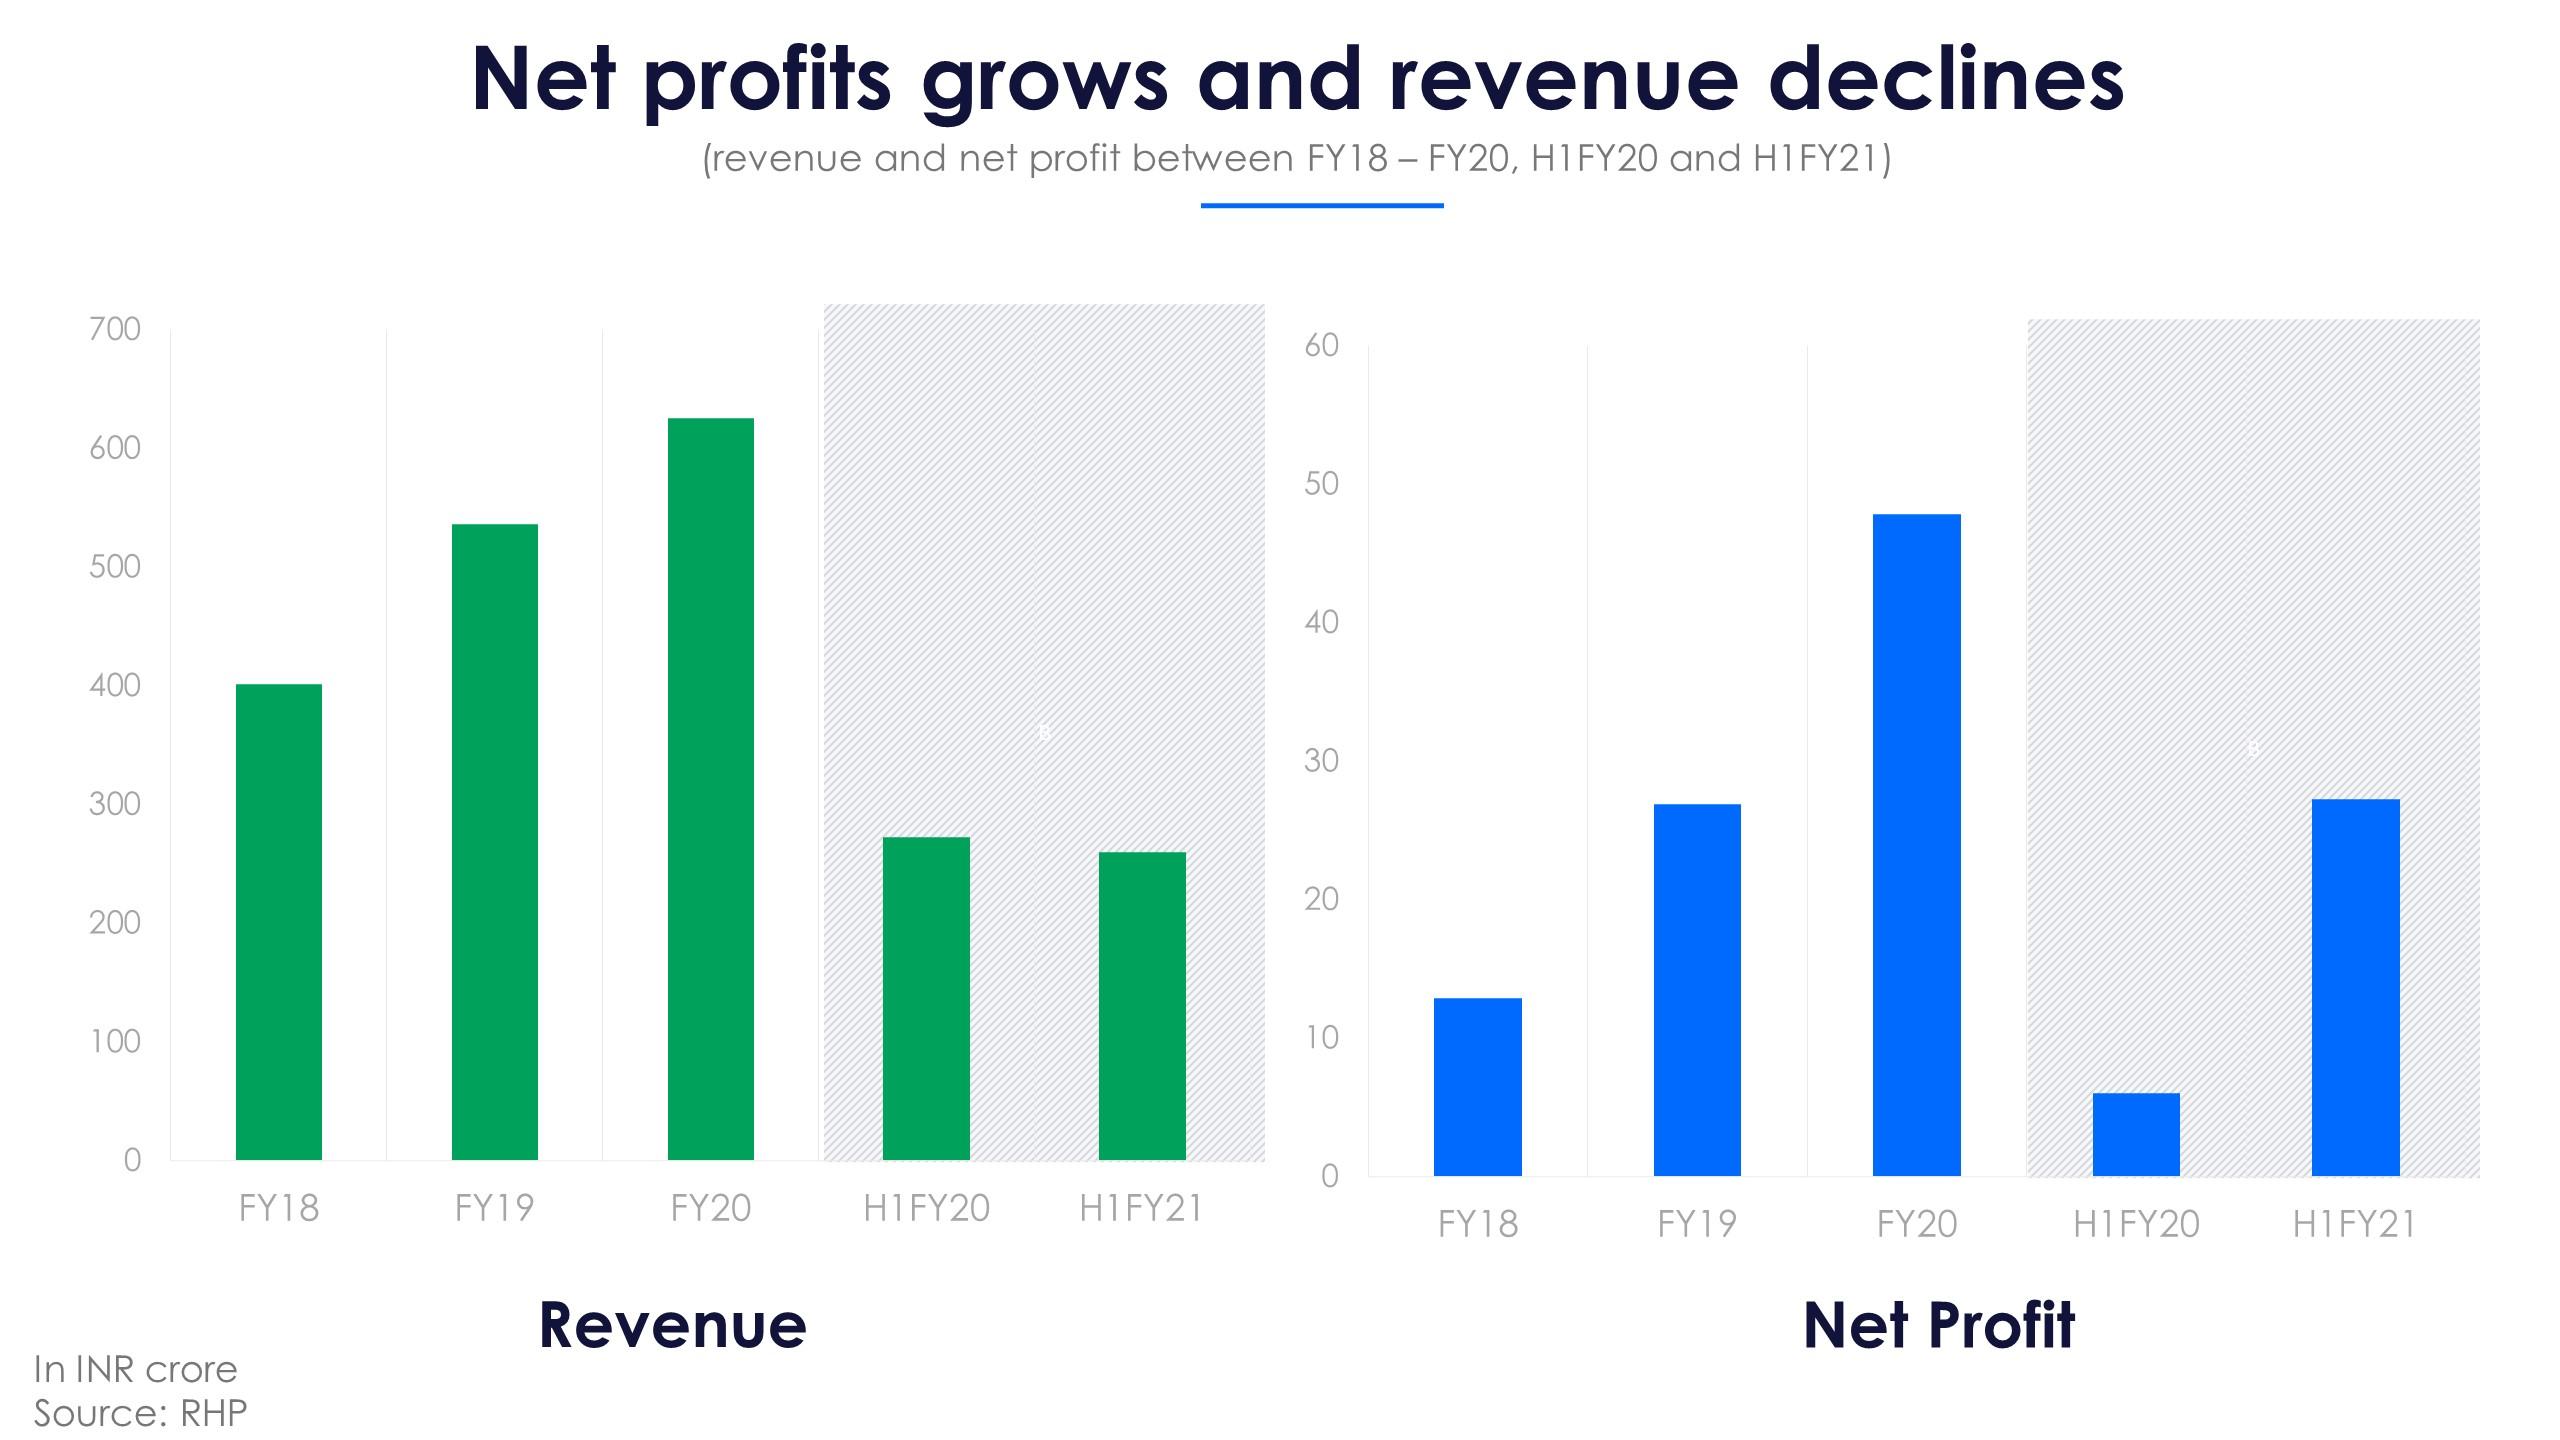 Indigo Paints Revenue and Net Profit